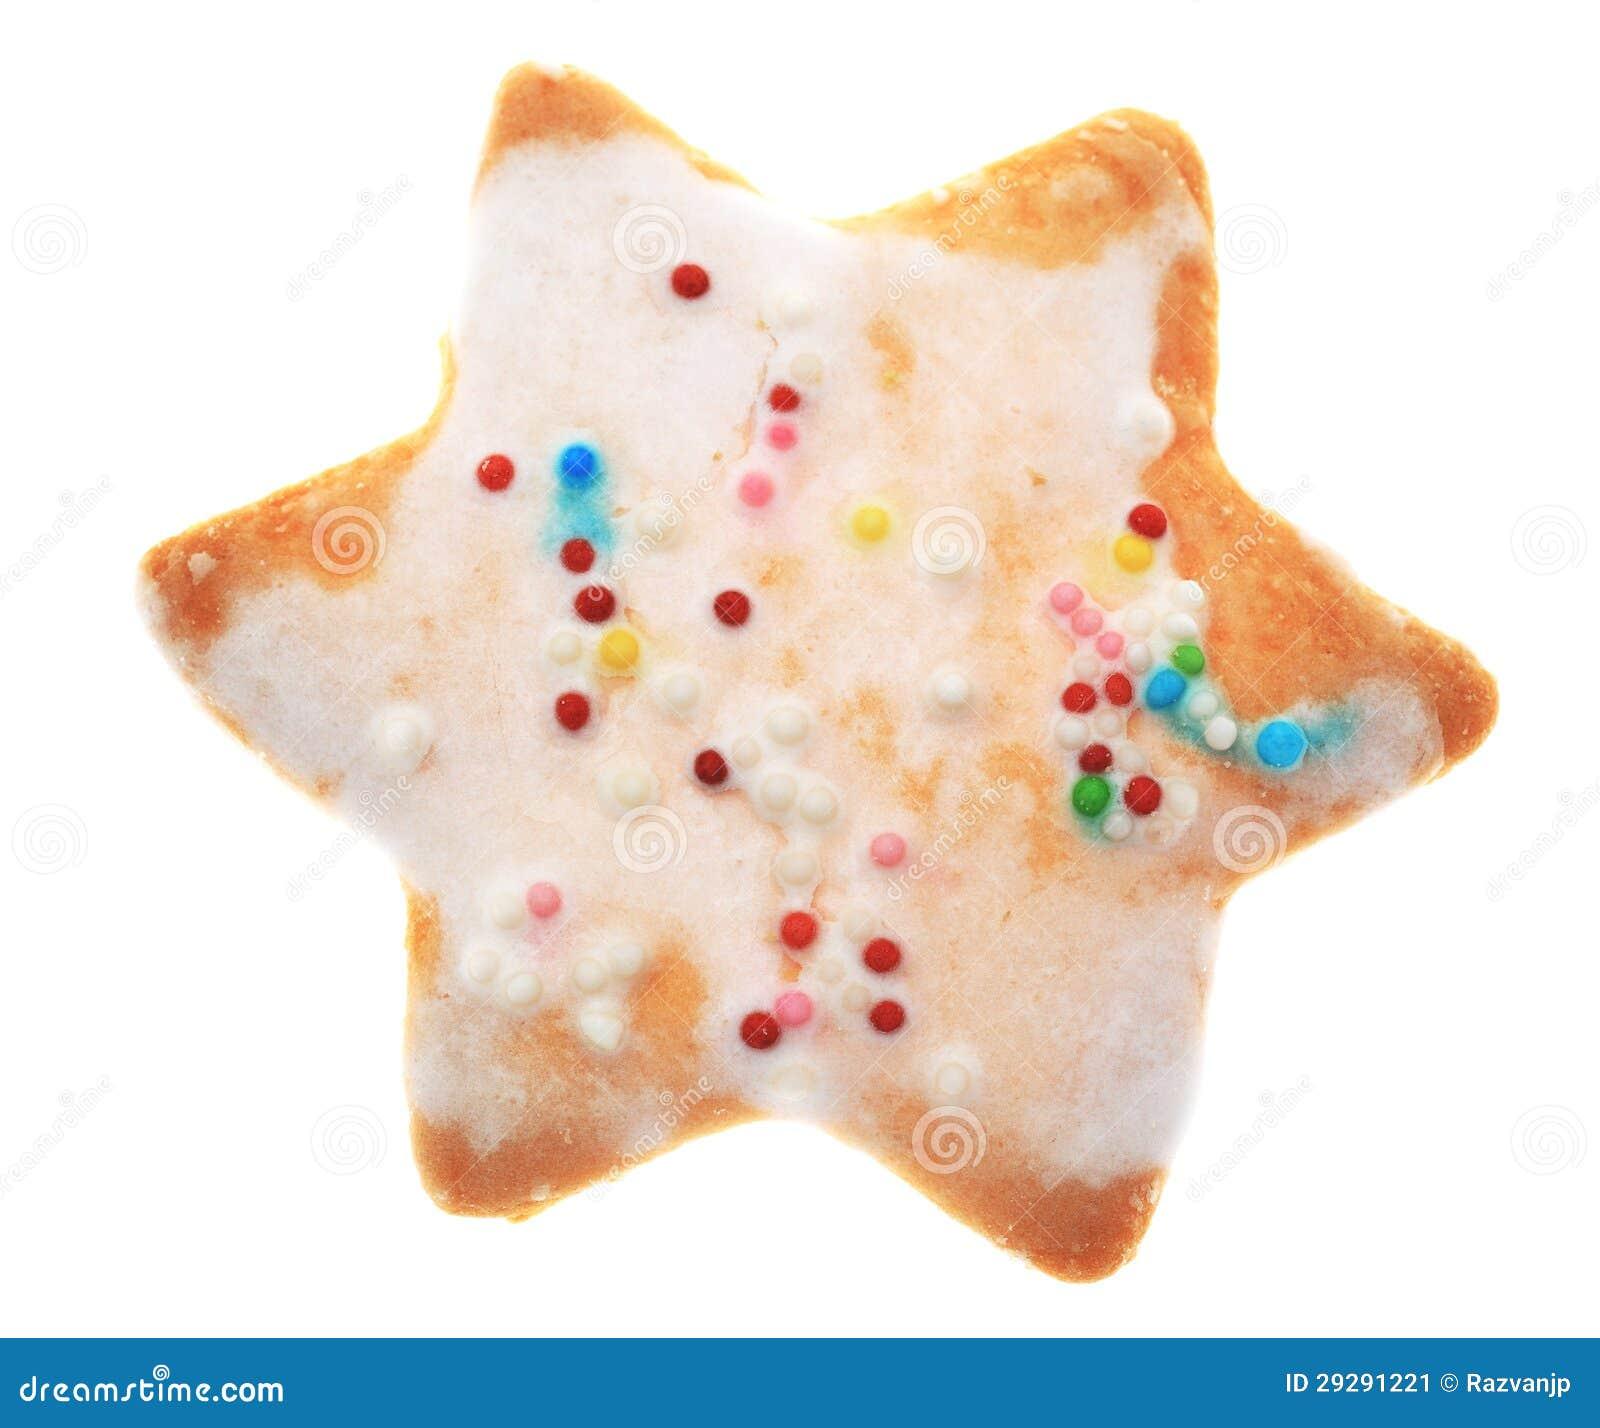 M And S Christmas Star Cake